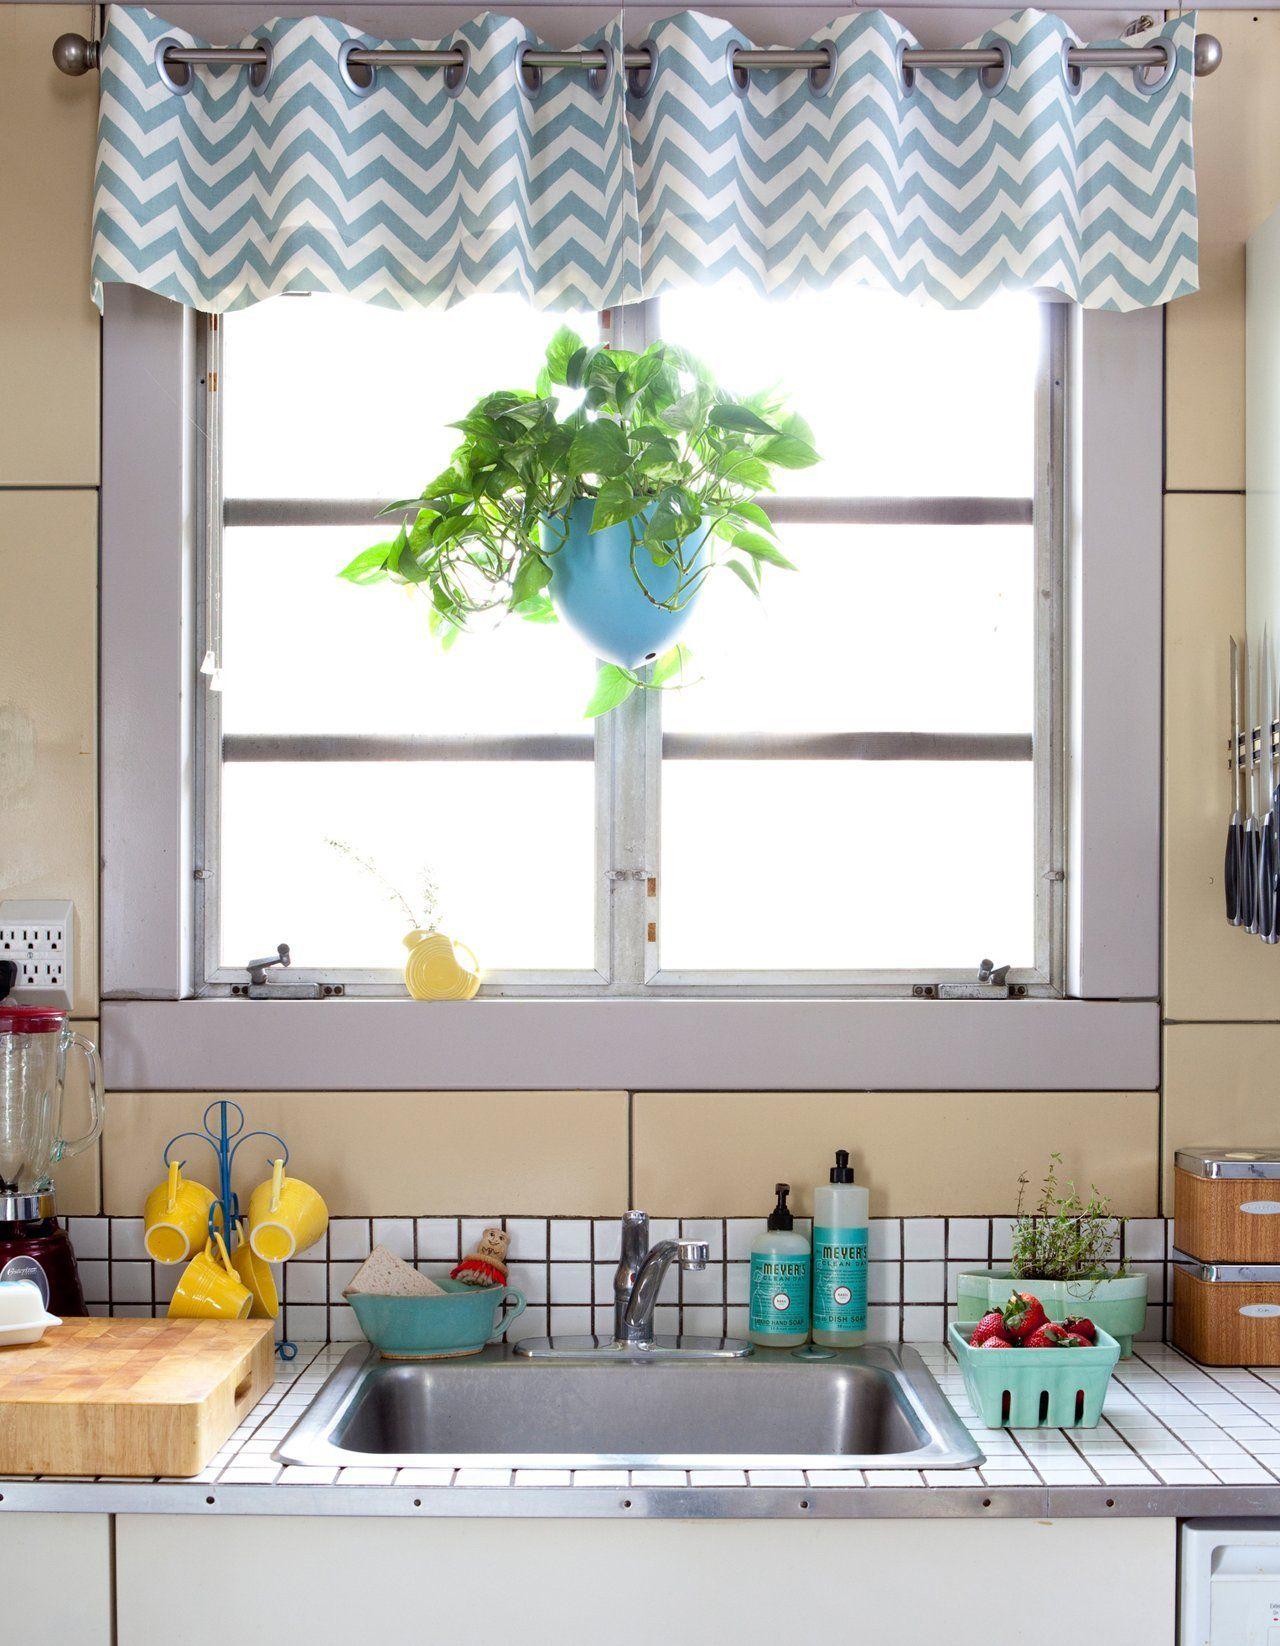 Jeanee S Sunny Vintage Kitchen Kitchen Window Curtains Small